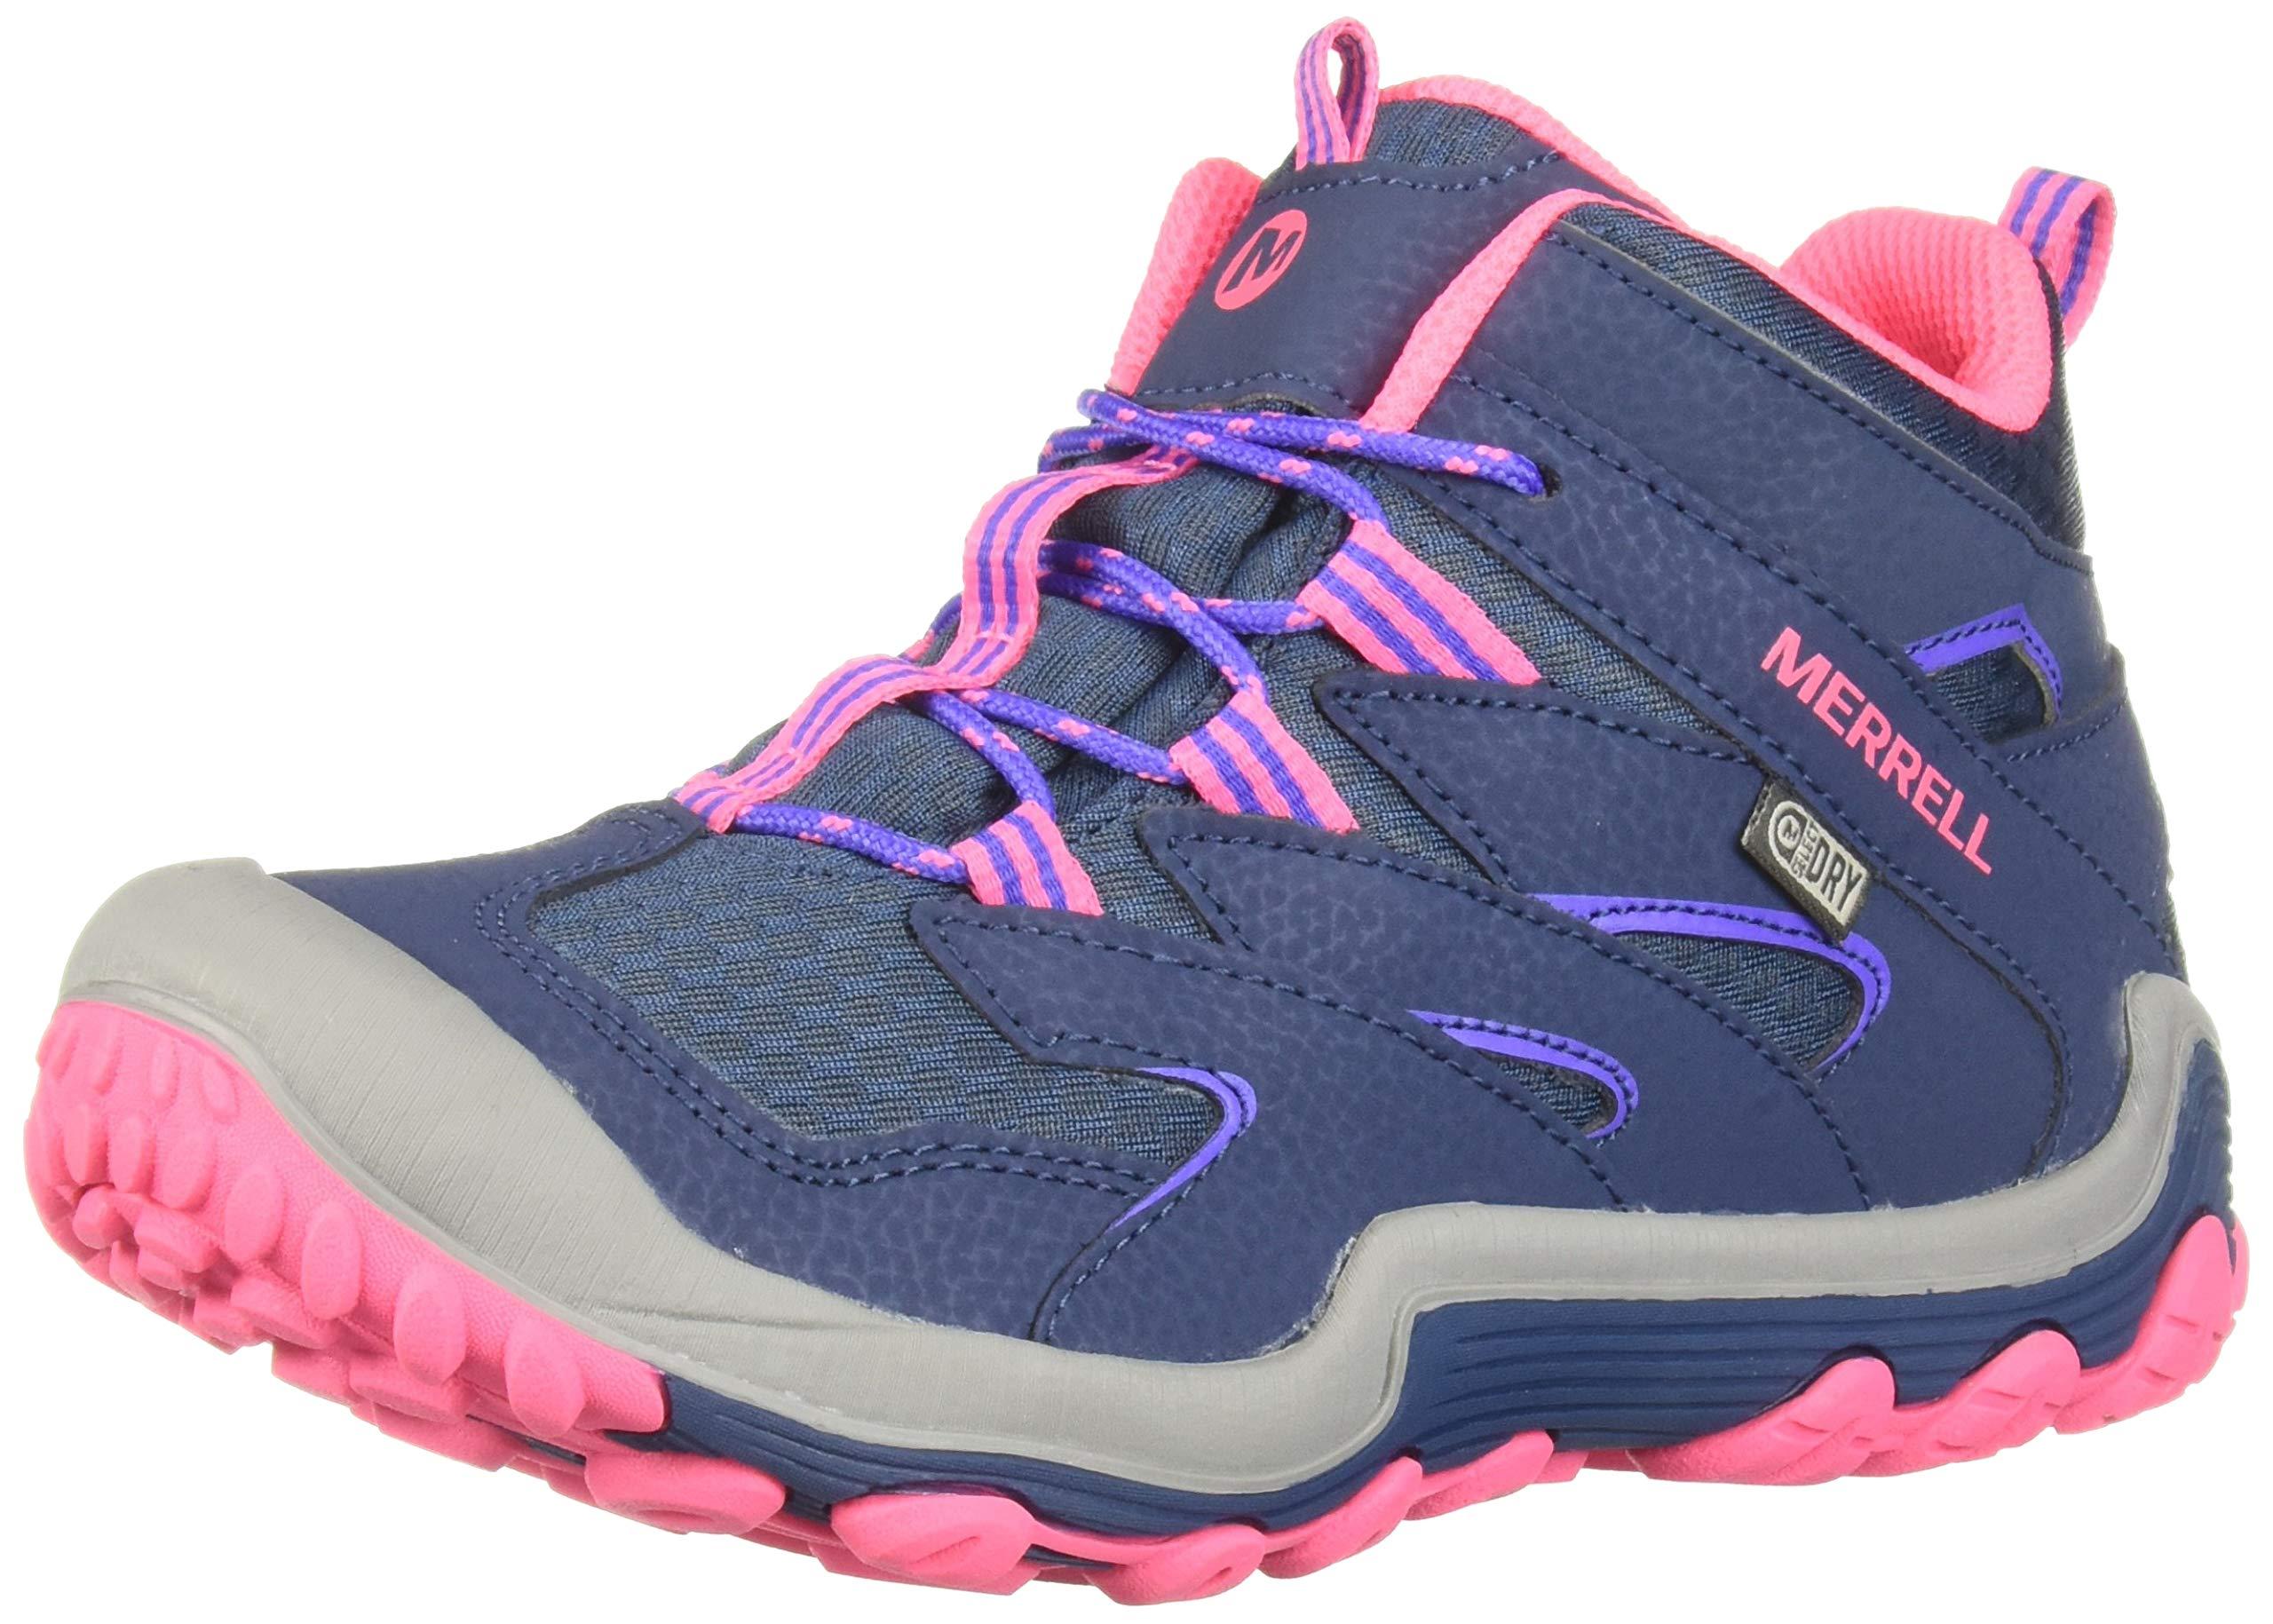 Merrell Girls' Chameleon 7 Mid WTRPF Hiking Shoe Navy/Coral 1 Medium US Little Kid